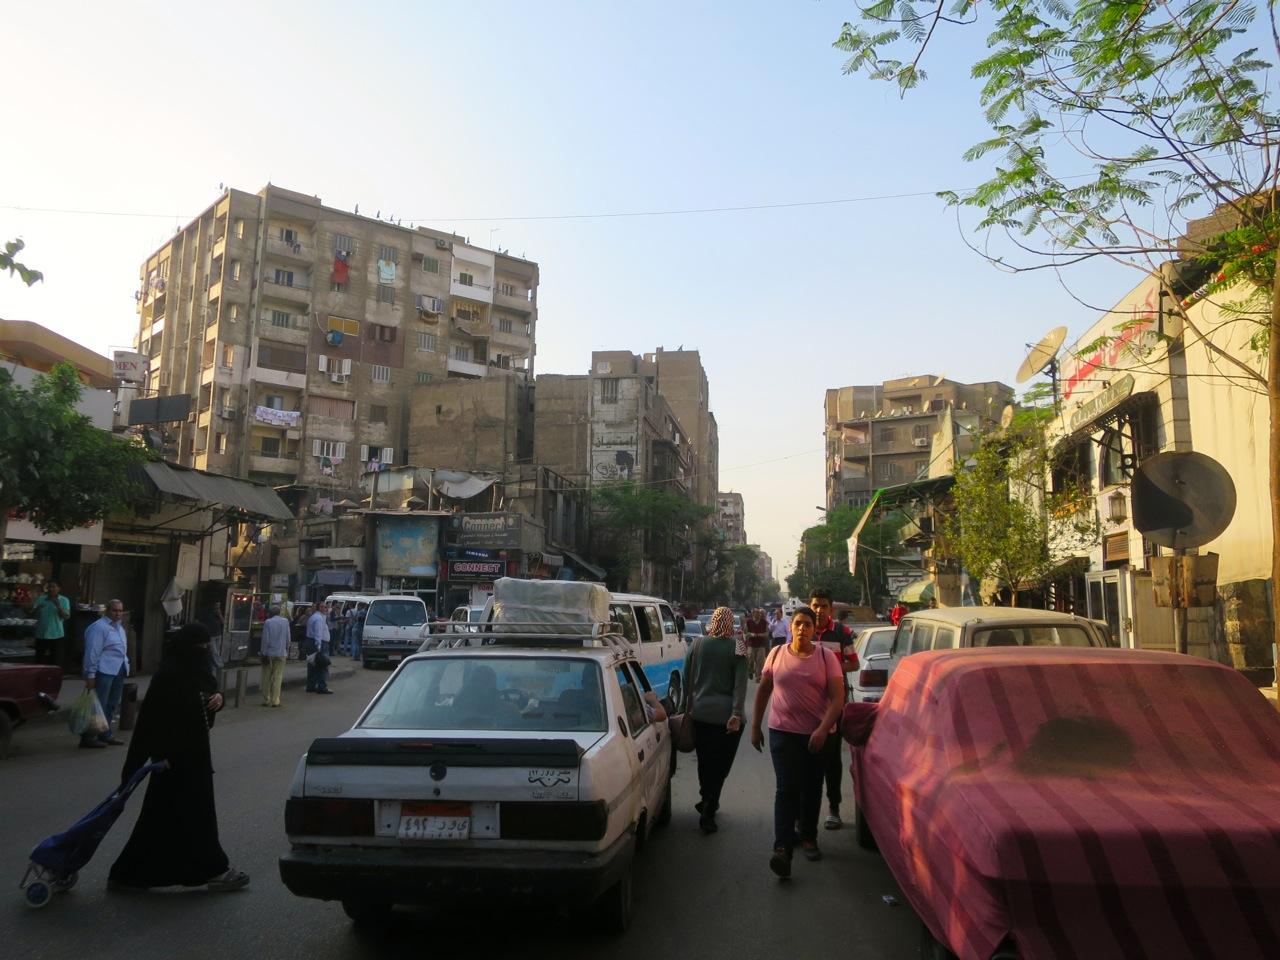 Cairo 9-28